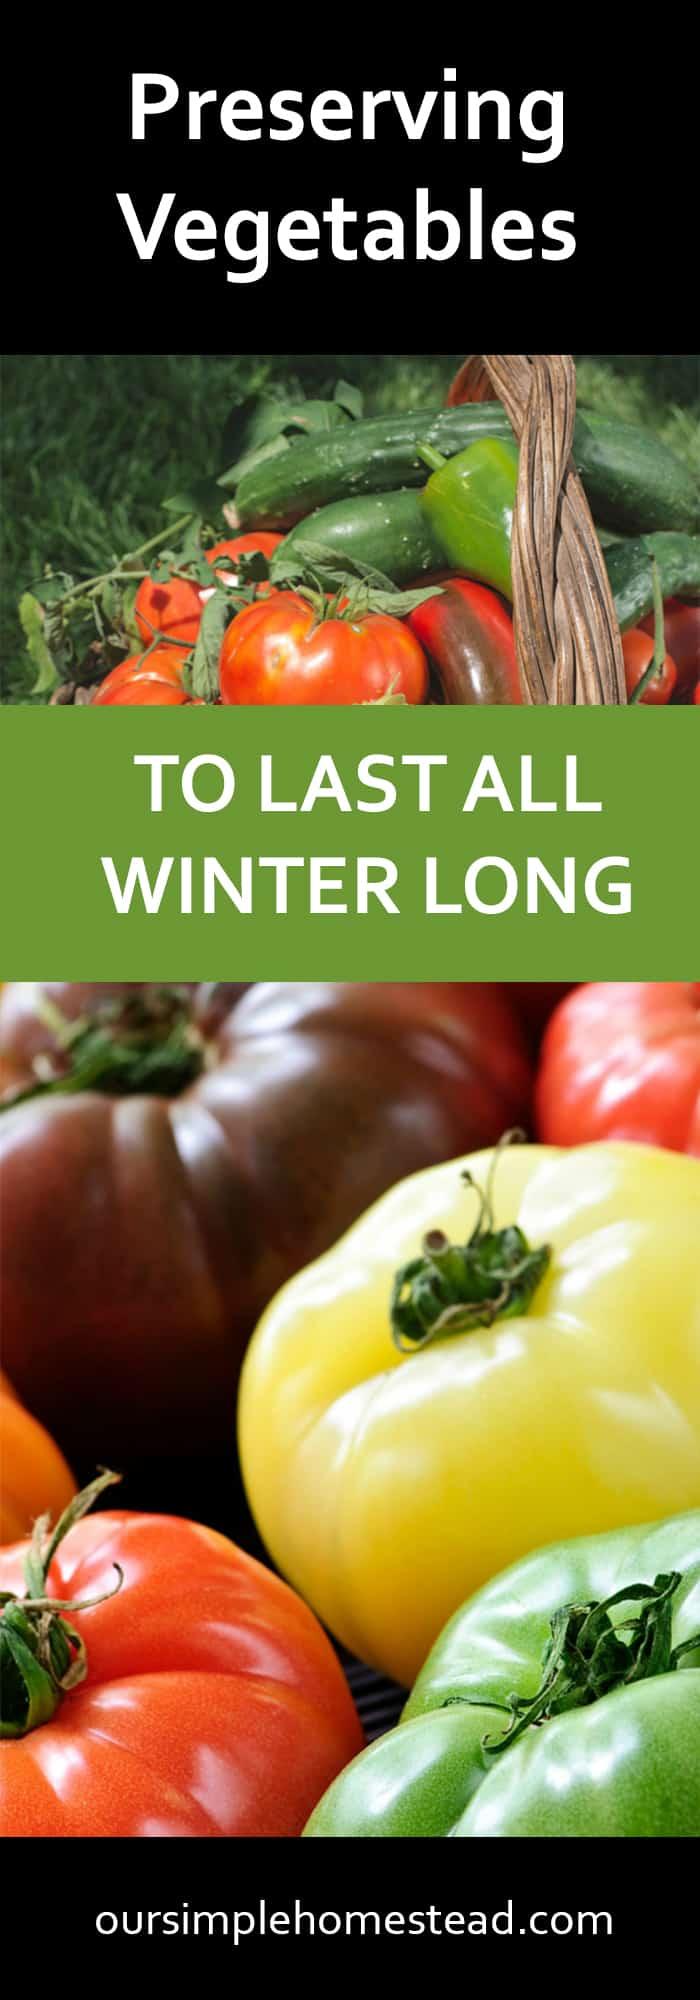 Preserving Vegetables - Harvest Your Garden